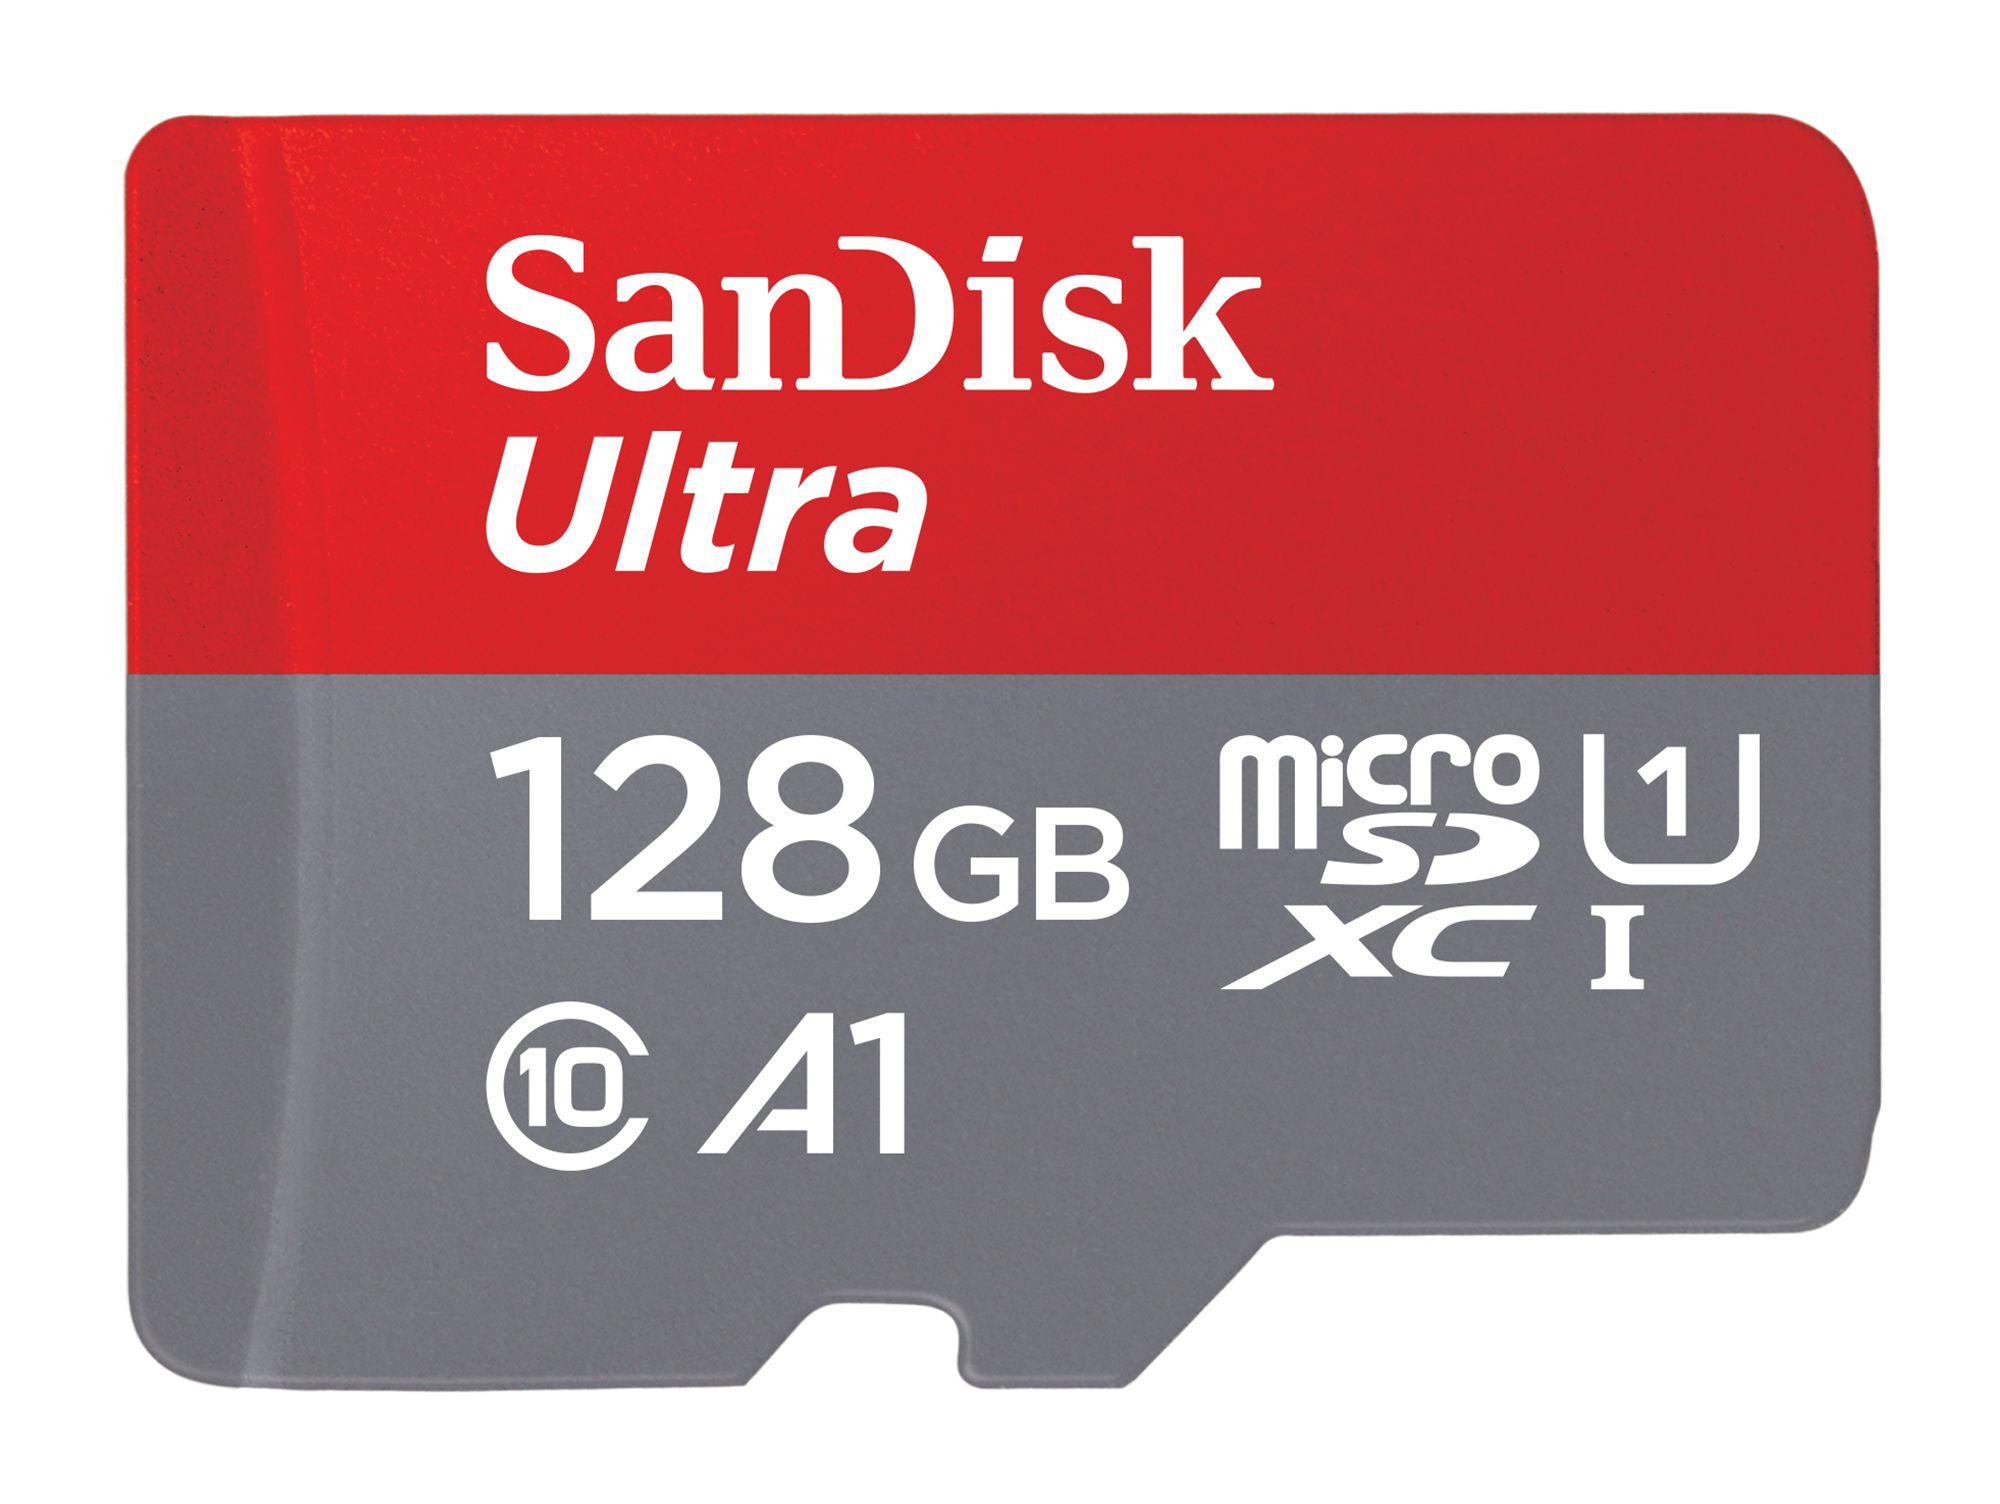 SanDisk Ultra microSDXC 128 GB Speicherkarte, Kl. 10, UHS-1, inkl. SD-Adapter bei Gravis